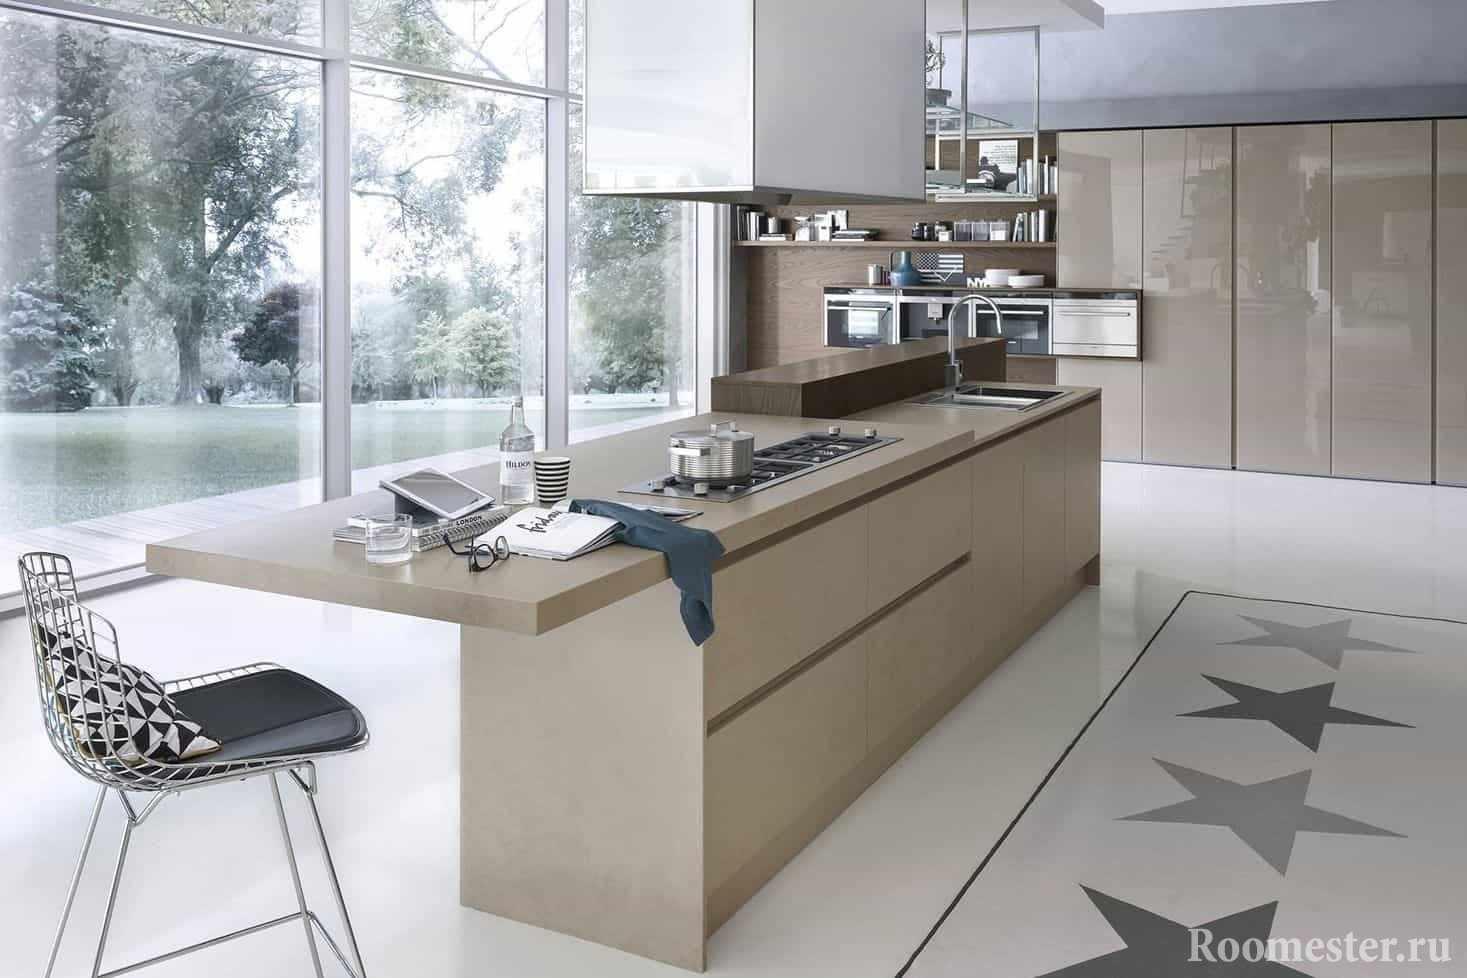 Кухня с большим панорамным окном и островом